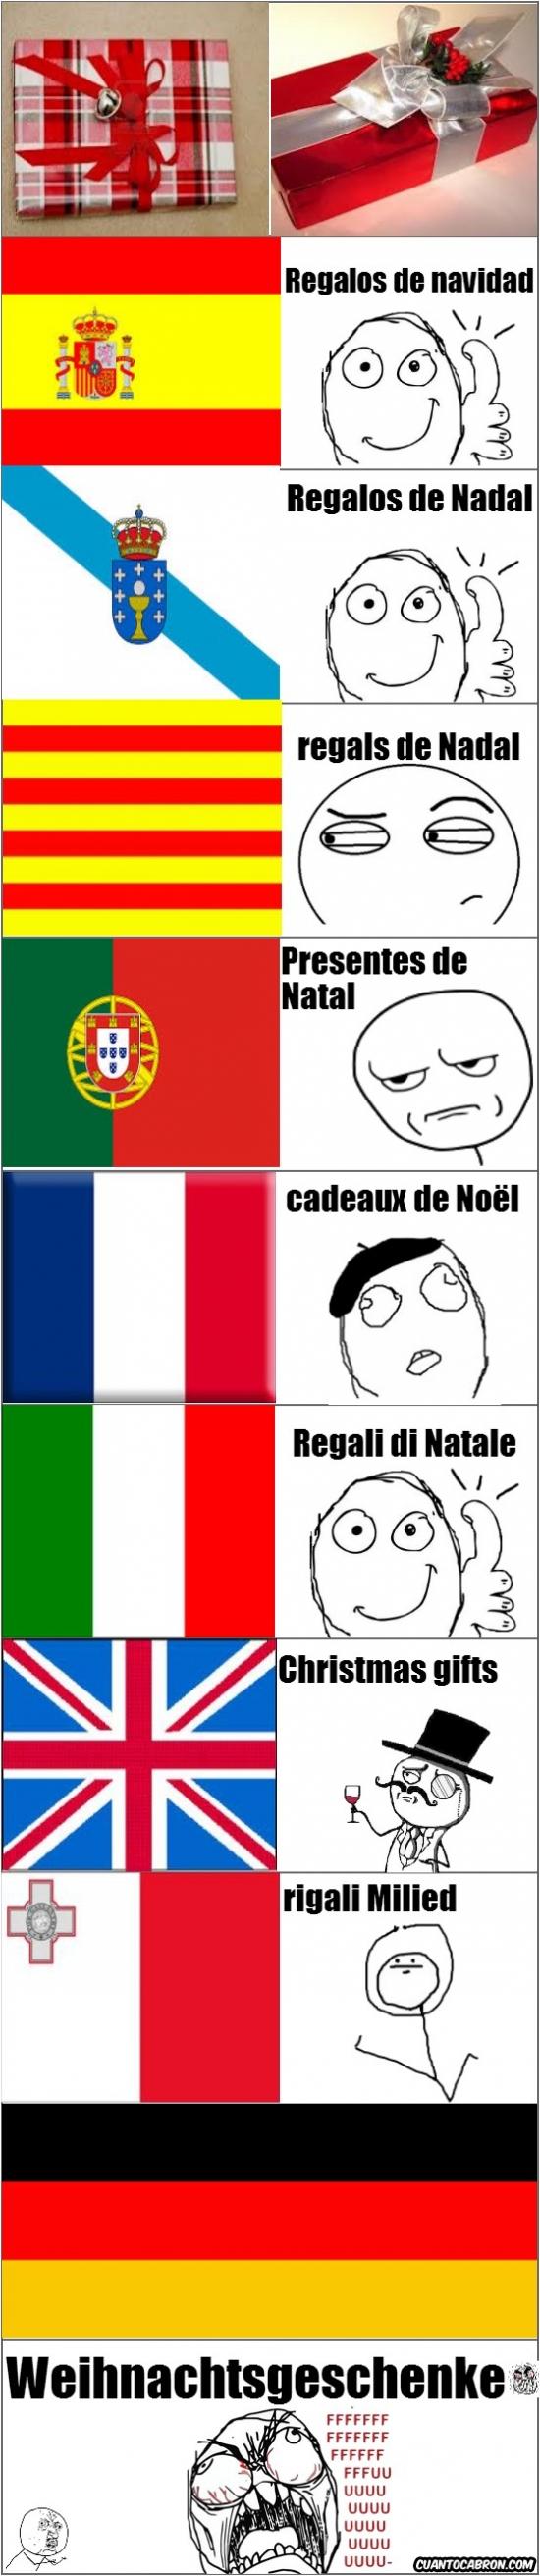 Ffffuuuuuuuuuu - Los alemanes y su idioma siempre dándoles problemas